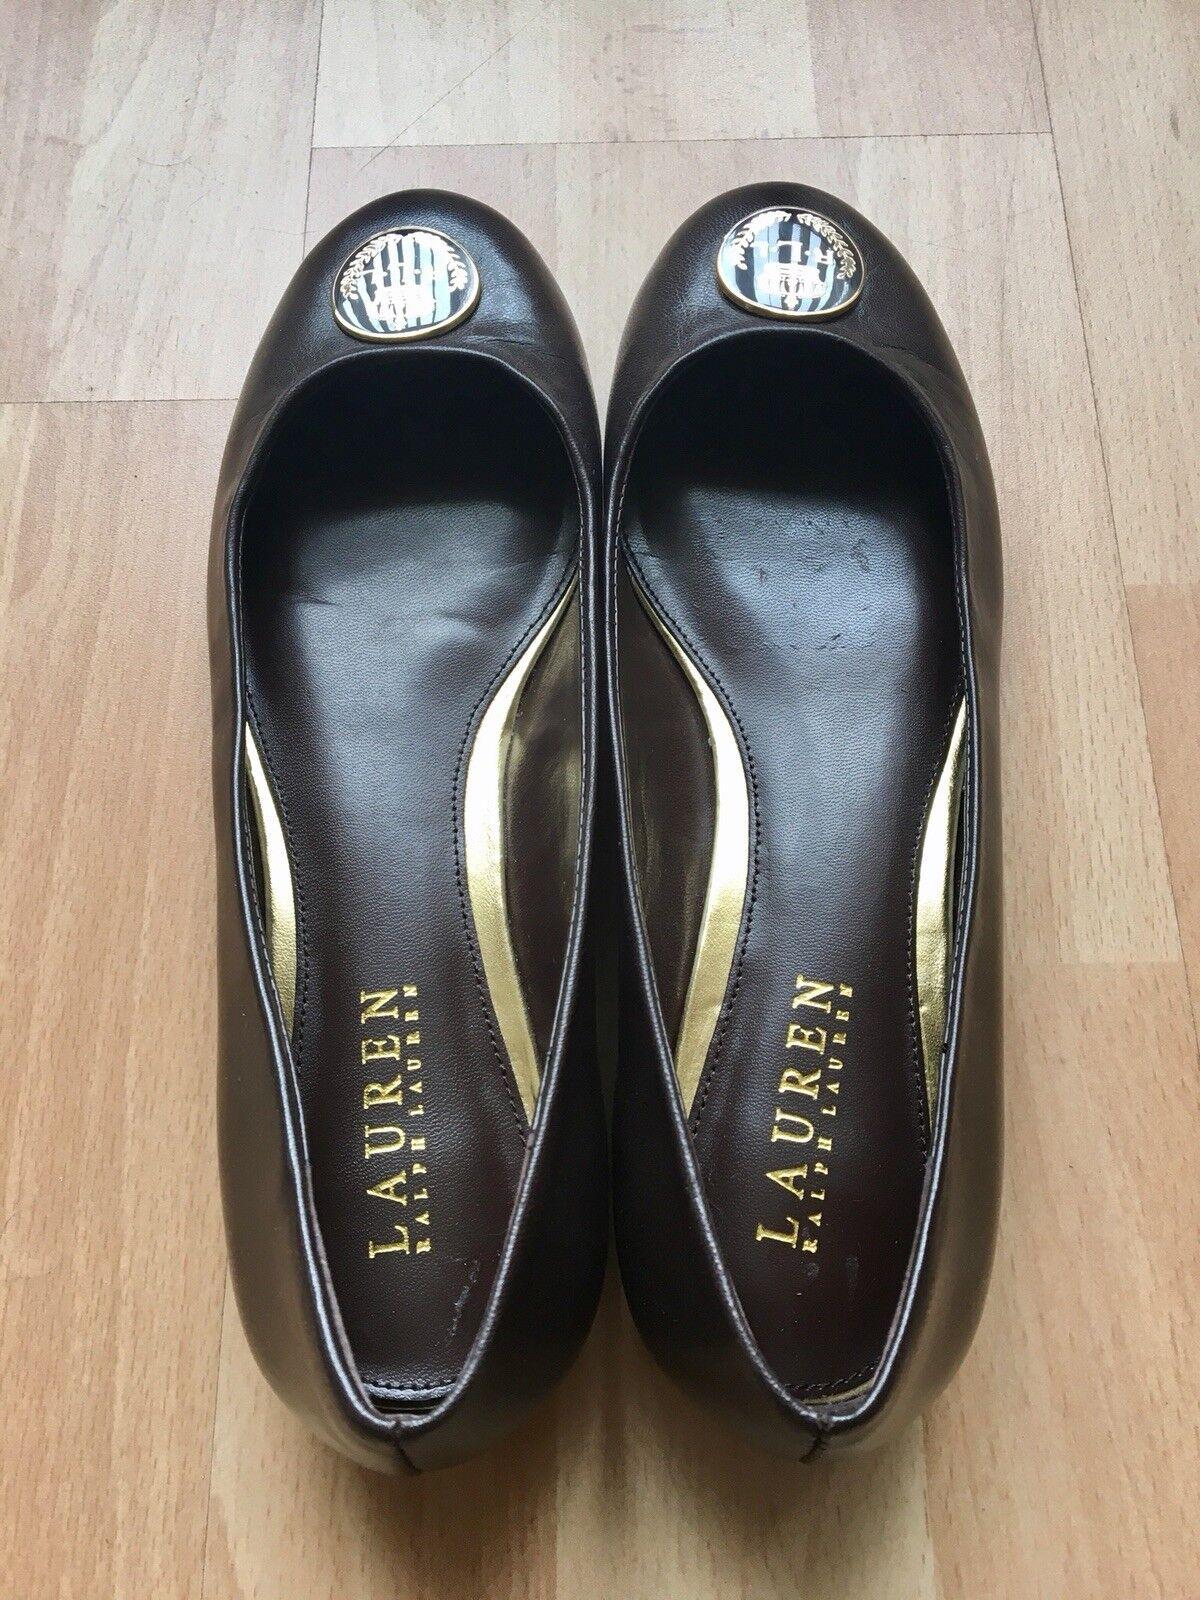 Cuero Cuero Cuero Genuino Ralph Lauren Zapatos Planos Marrón EU 39 UK 6  muchas concesiones